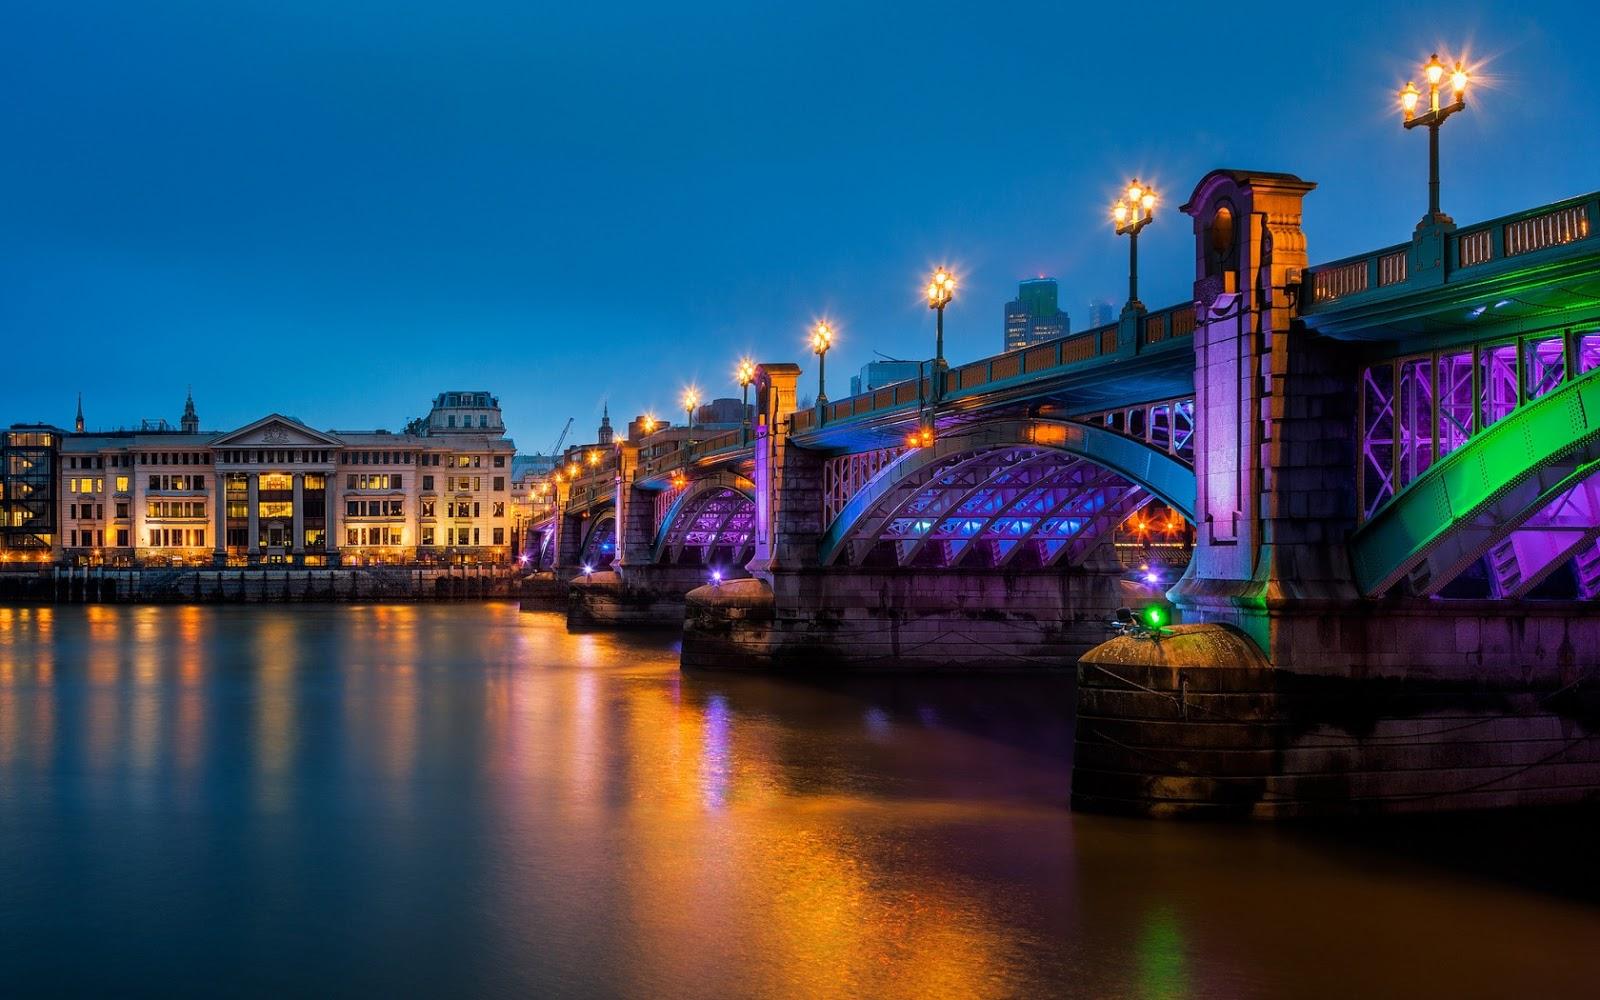 Fotos de La Ciudad de Londres en la Noche | Fotos e ...